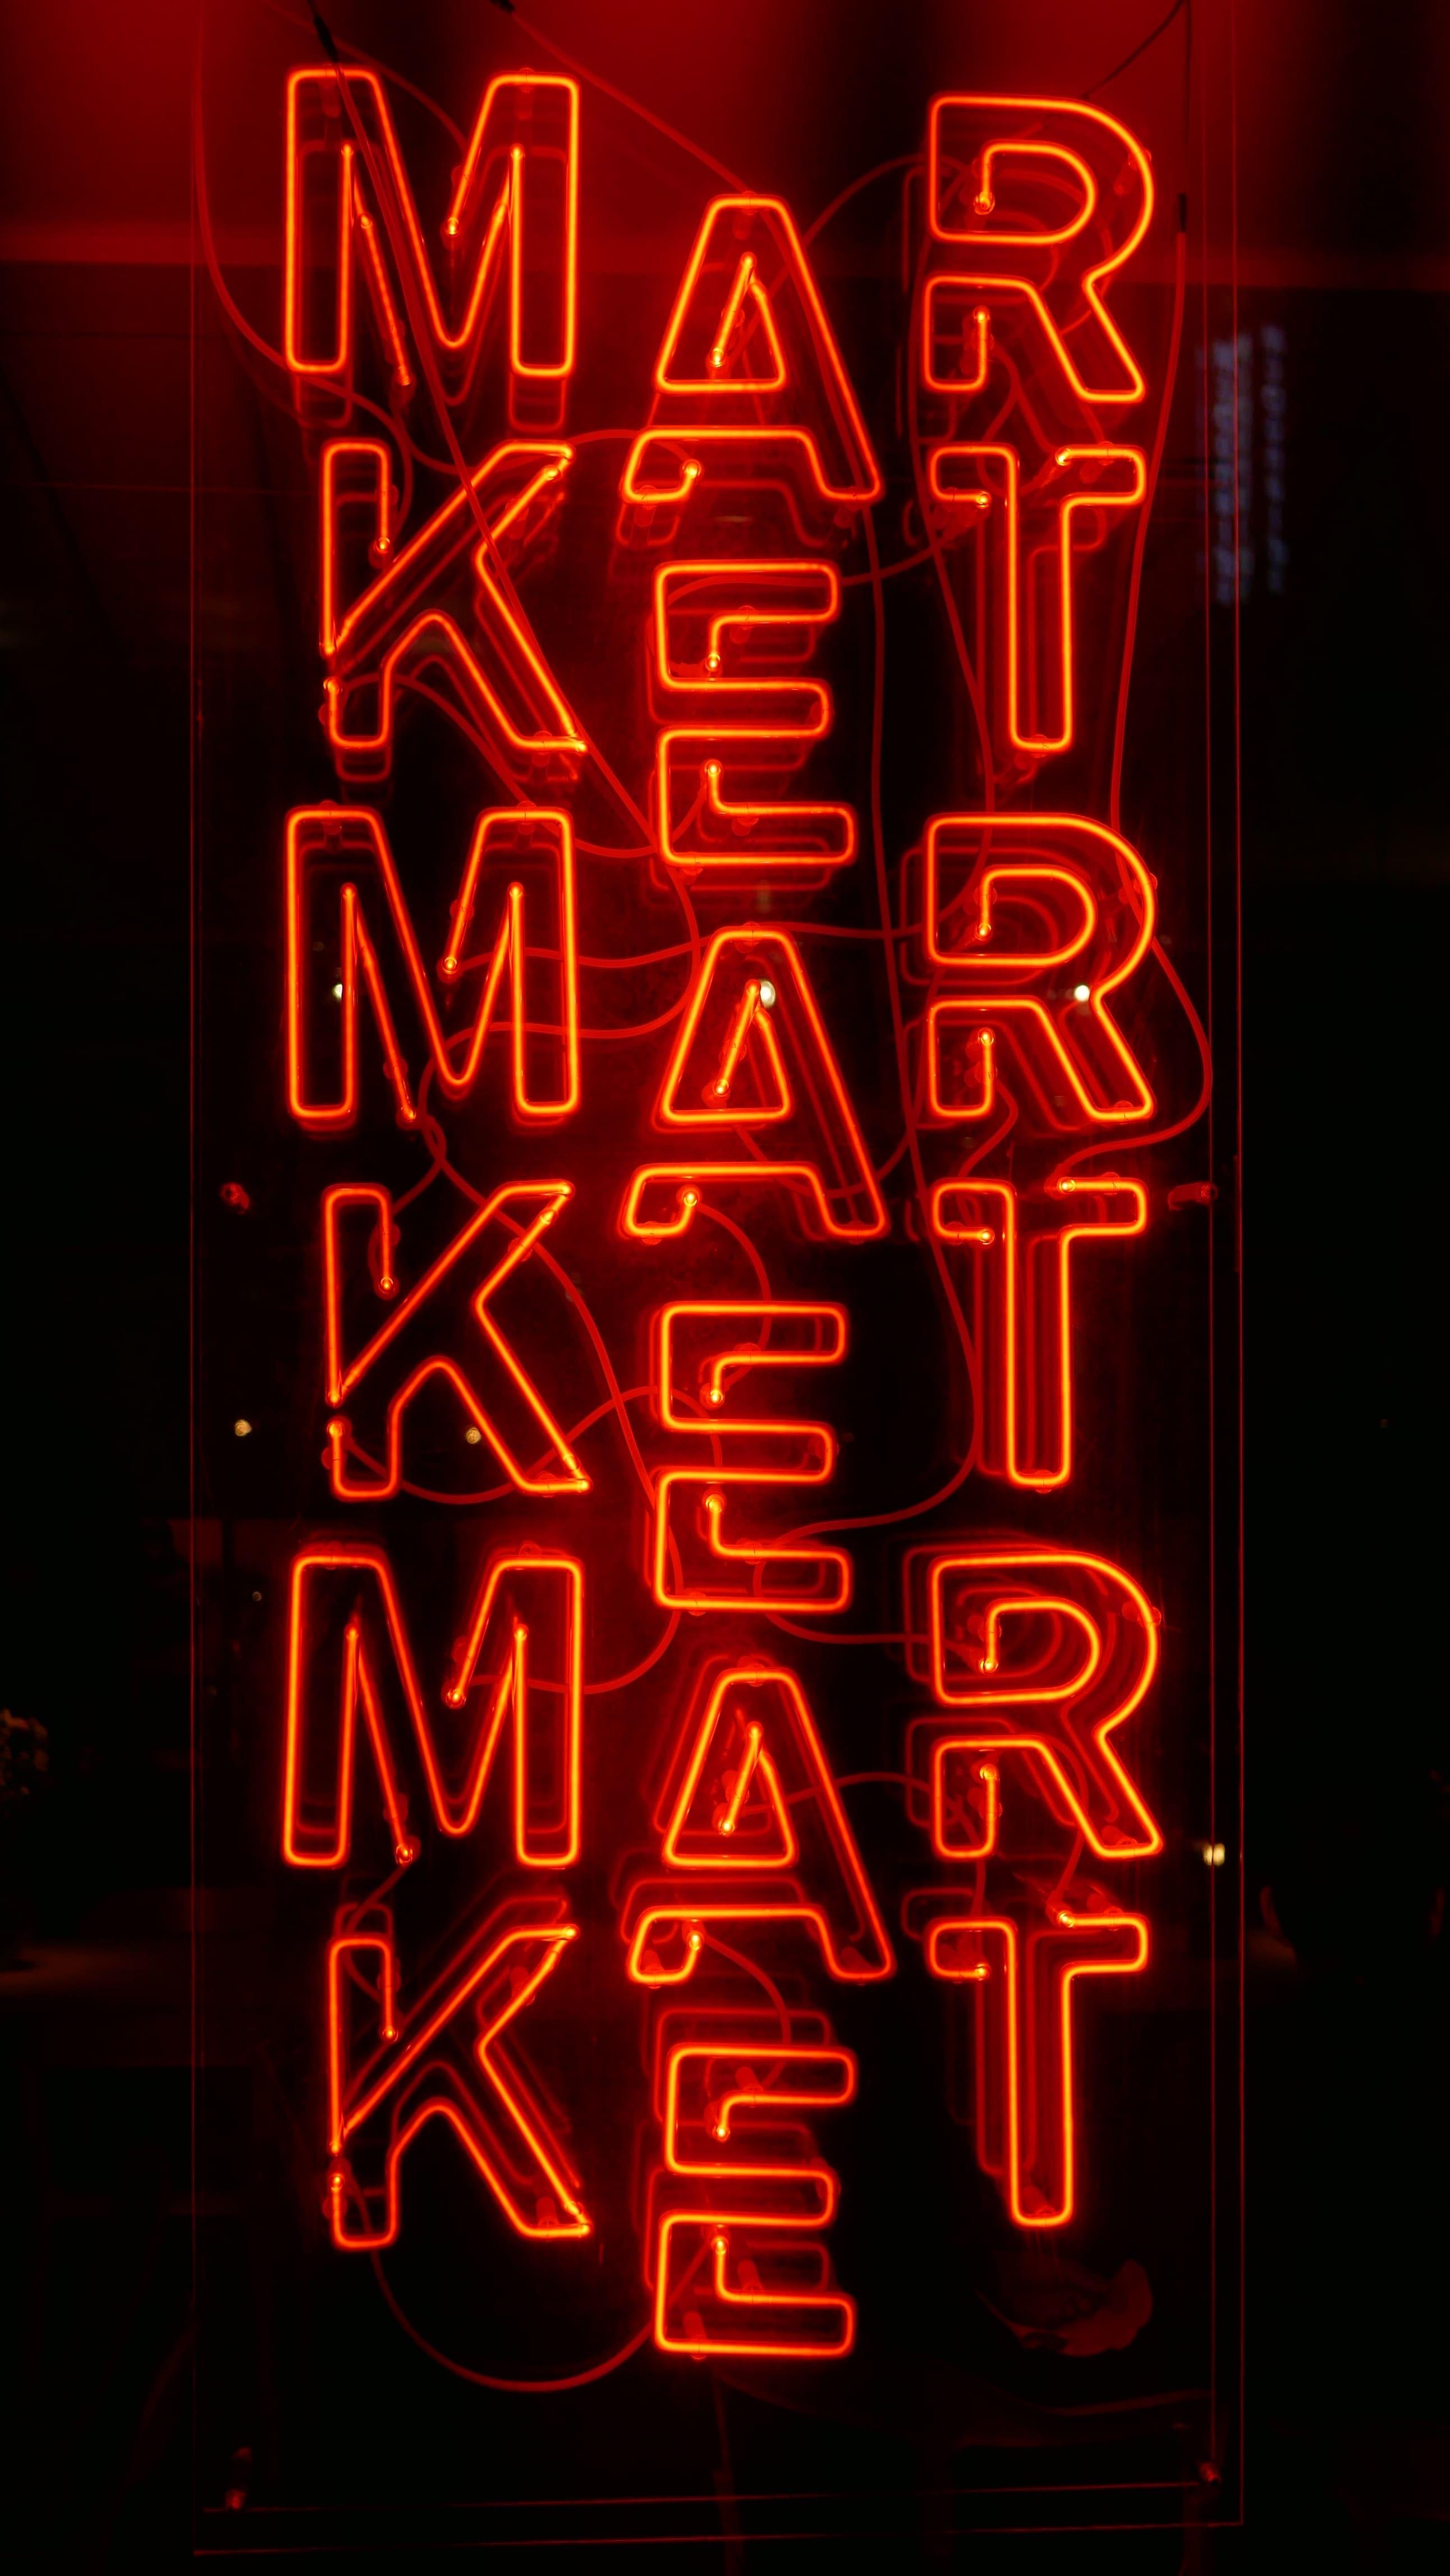 la marketplace est au coeur de tous les debats des dirigeants d'entreprise